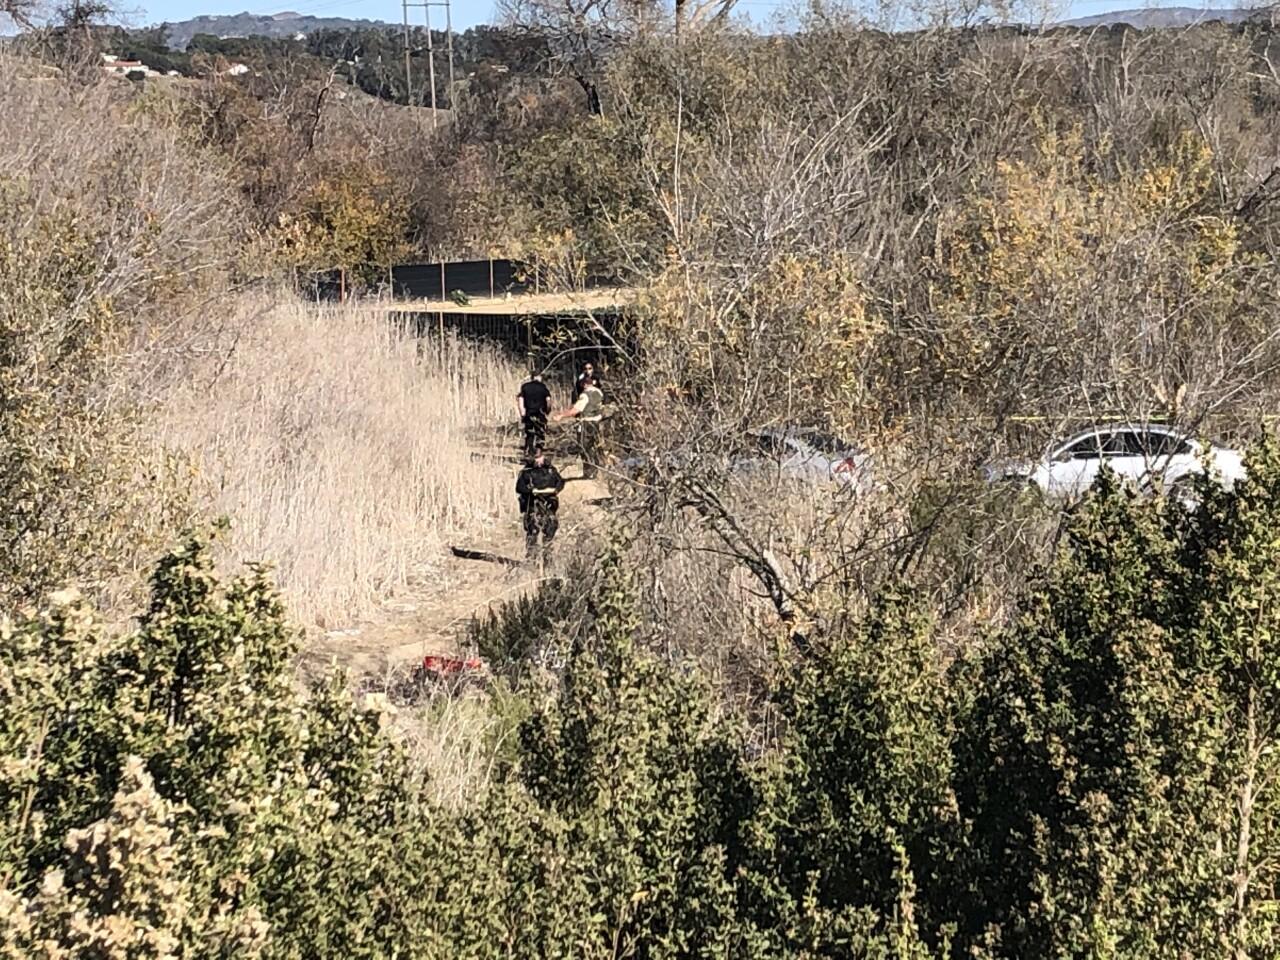 lompoc riverbed homicide.jpg